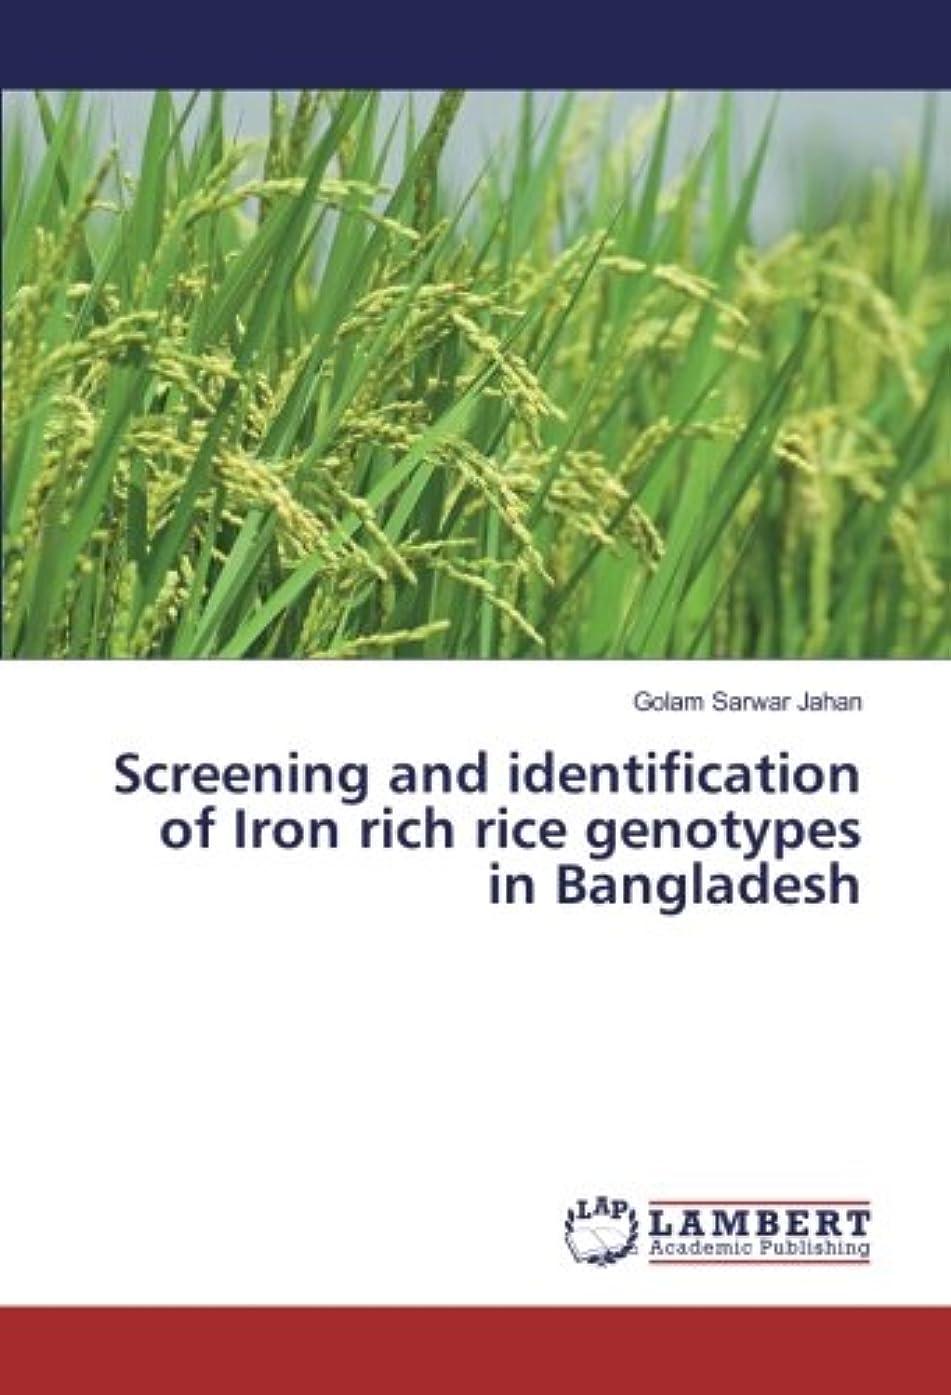 ずんぐりしたアレルギー性返済Screening and identification of Iron rich rice genotypes in Bangladesh